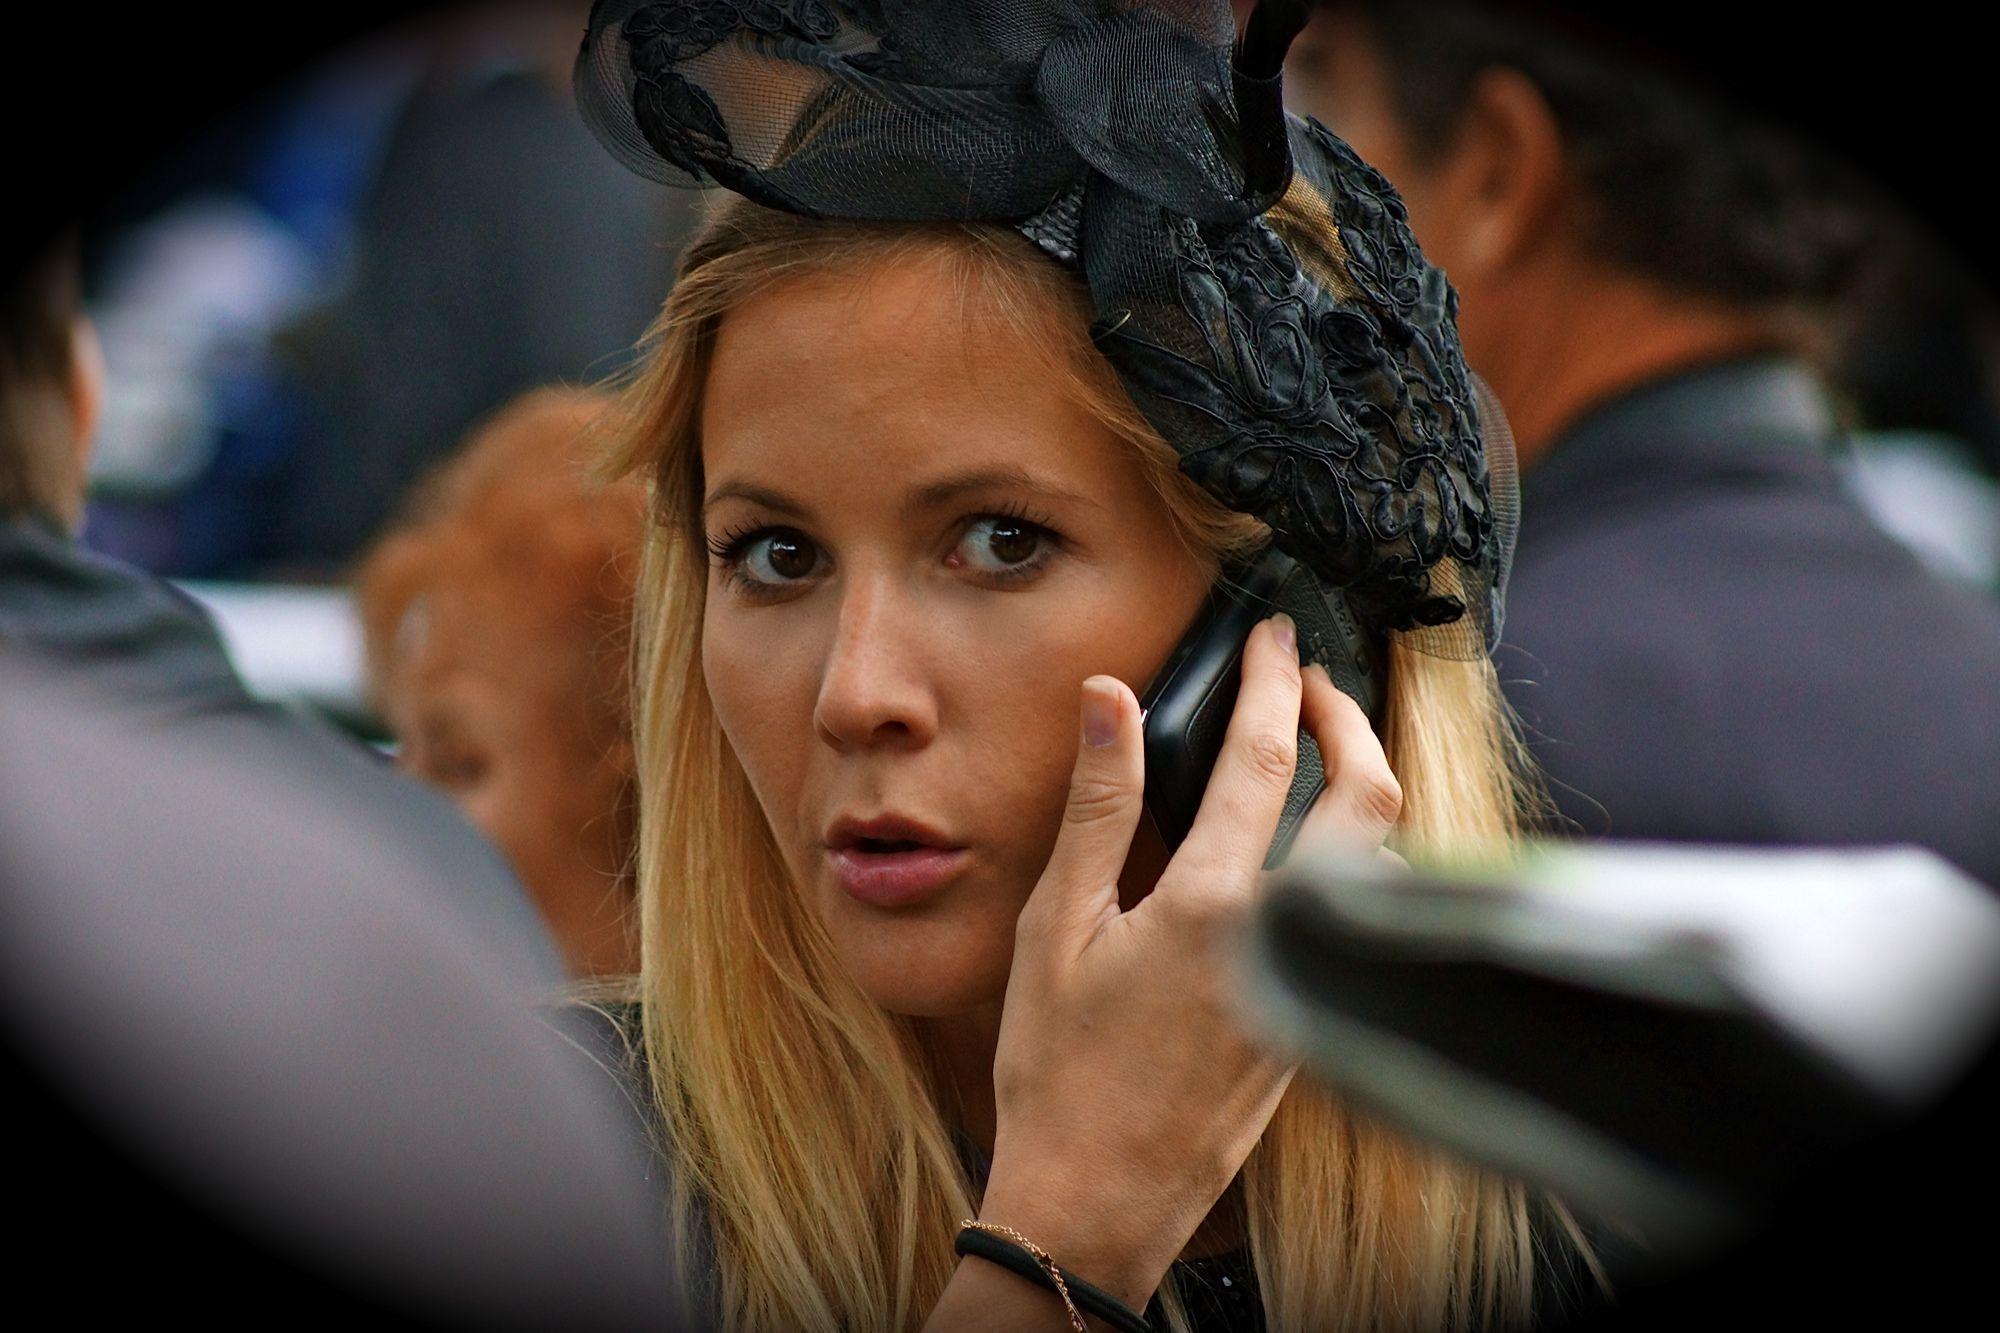 Spotted au Qatar Prix de l'Arc de Triomphe à Longchamp